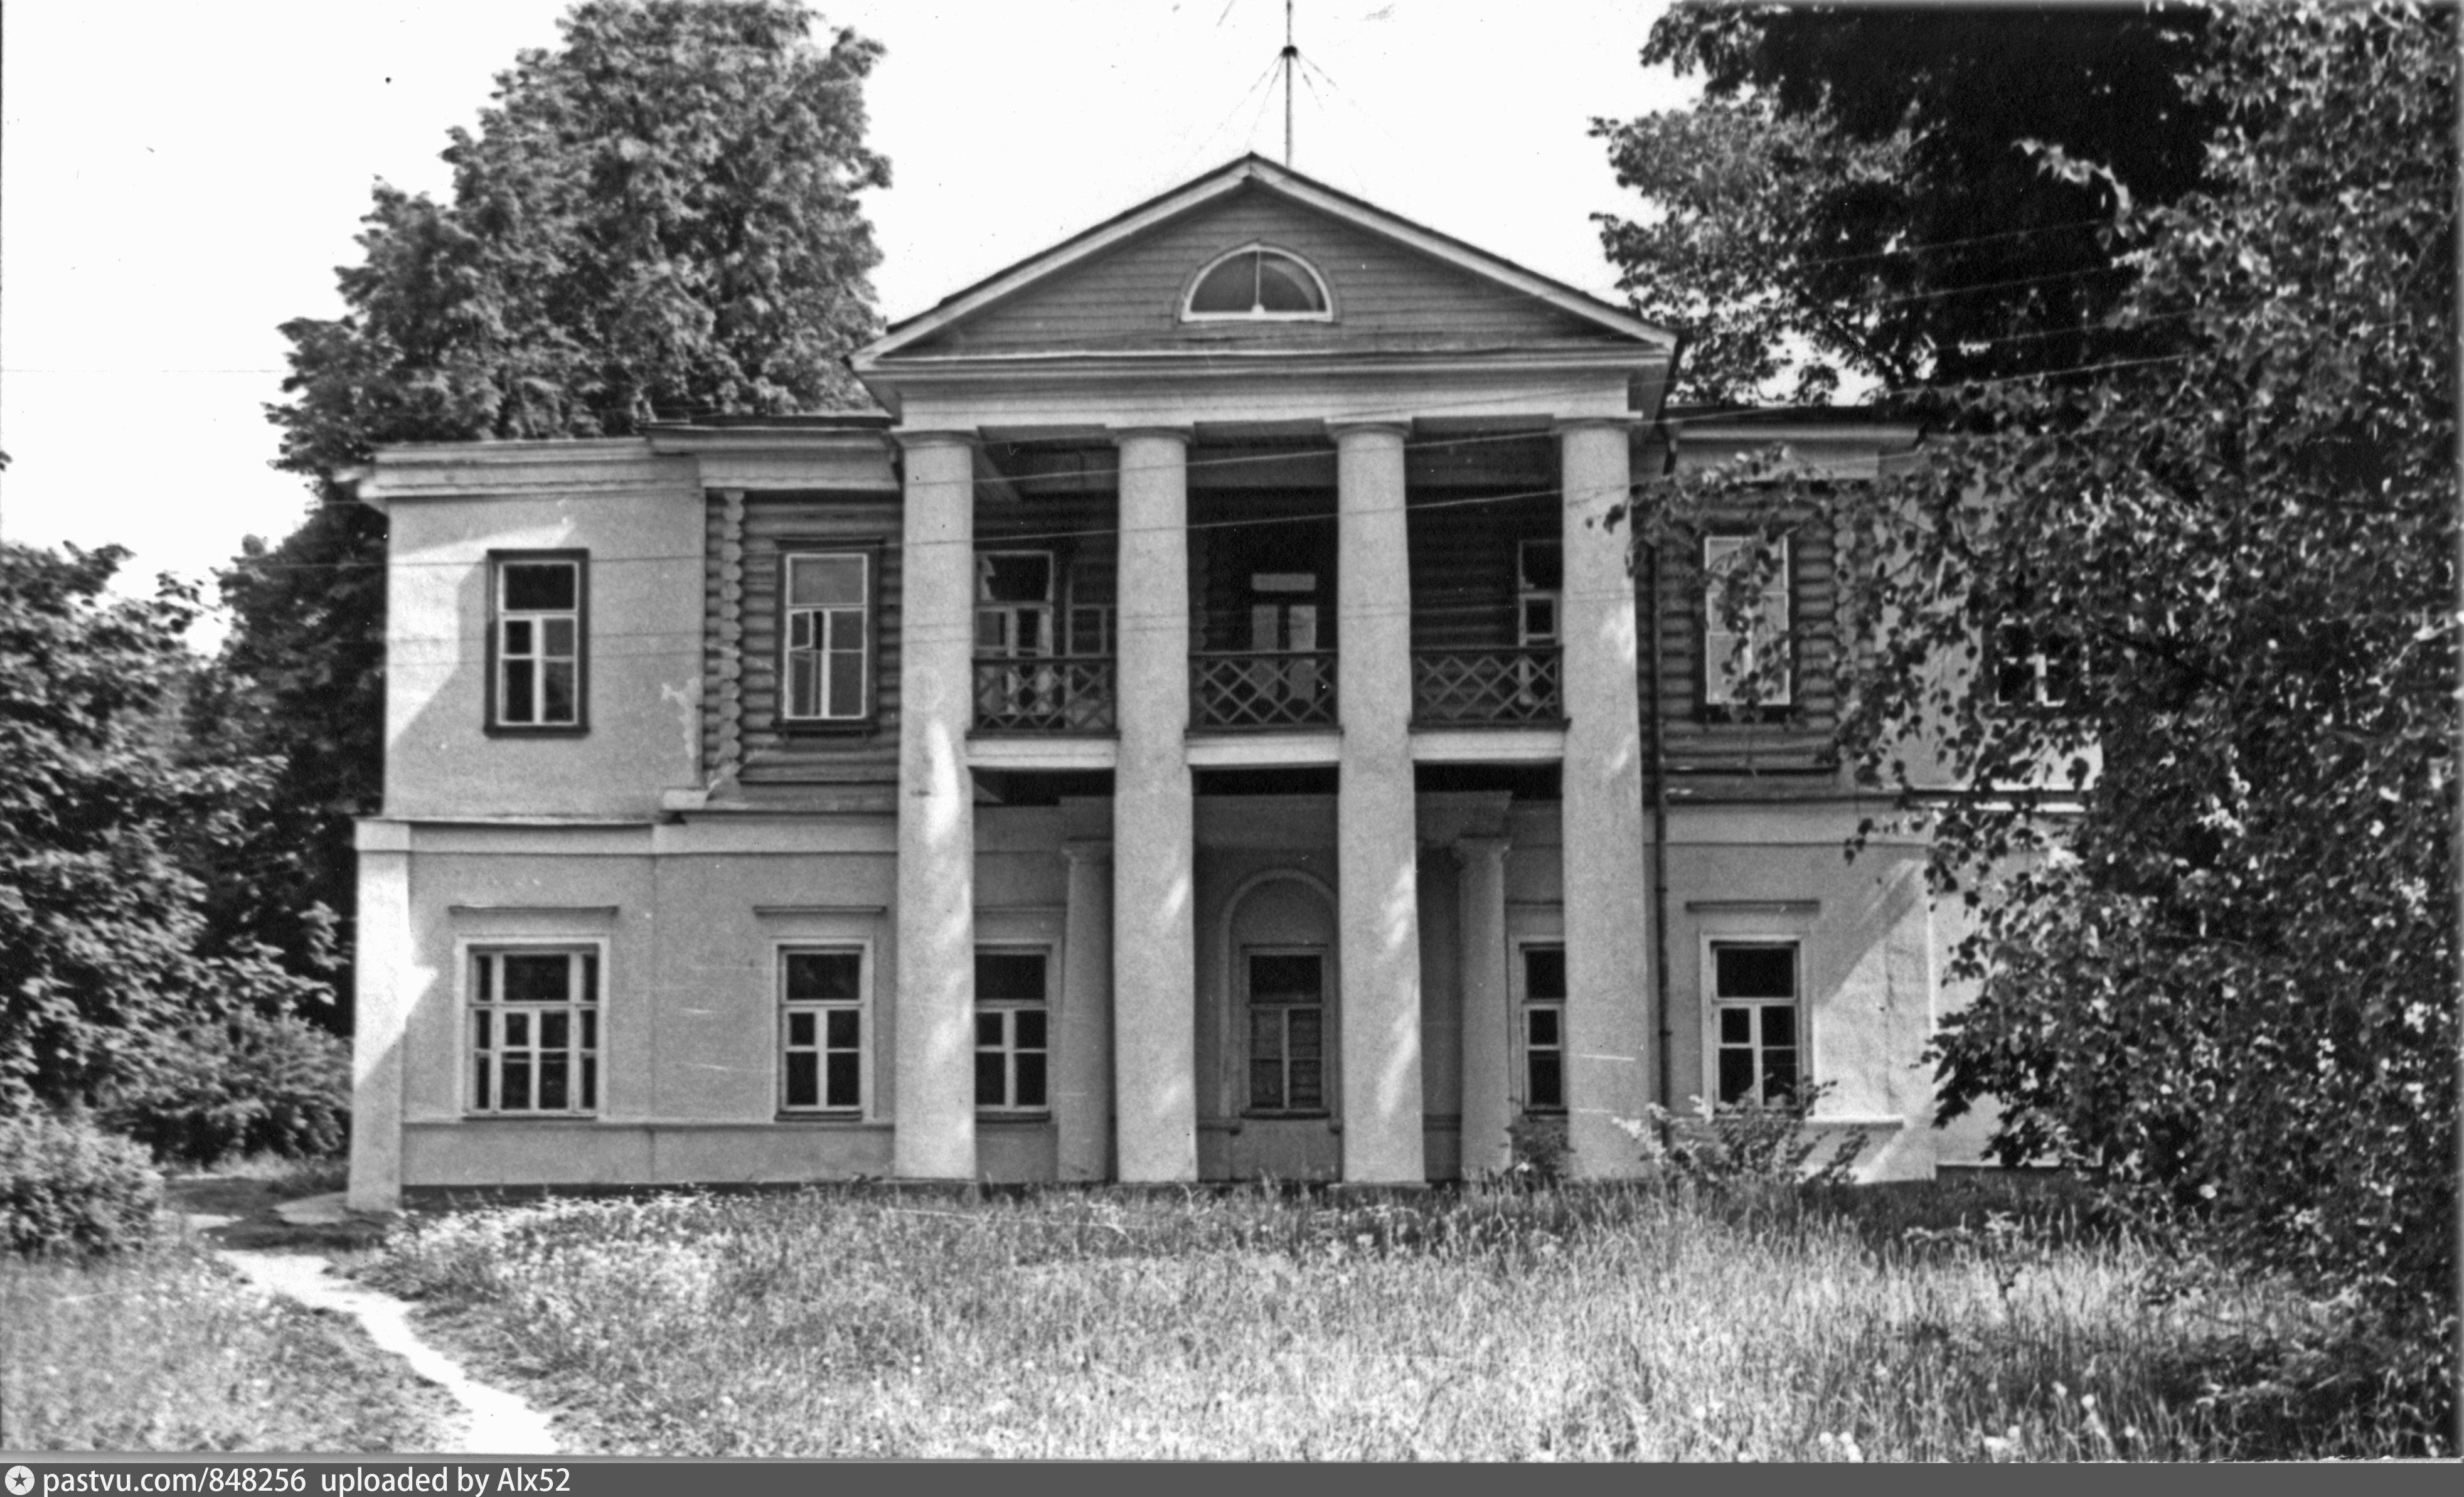 Левый служебный флигель усадьбы Знаменское-Губайлово. Построен в 1780-х годах и первоначально (также как и правый флигель) был одноэтажным. В конце XIX — начале XX века обоим флигелям надстроили вторые этажи, а этот получил ещё и новый деревянный портик с фронтоном.